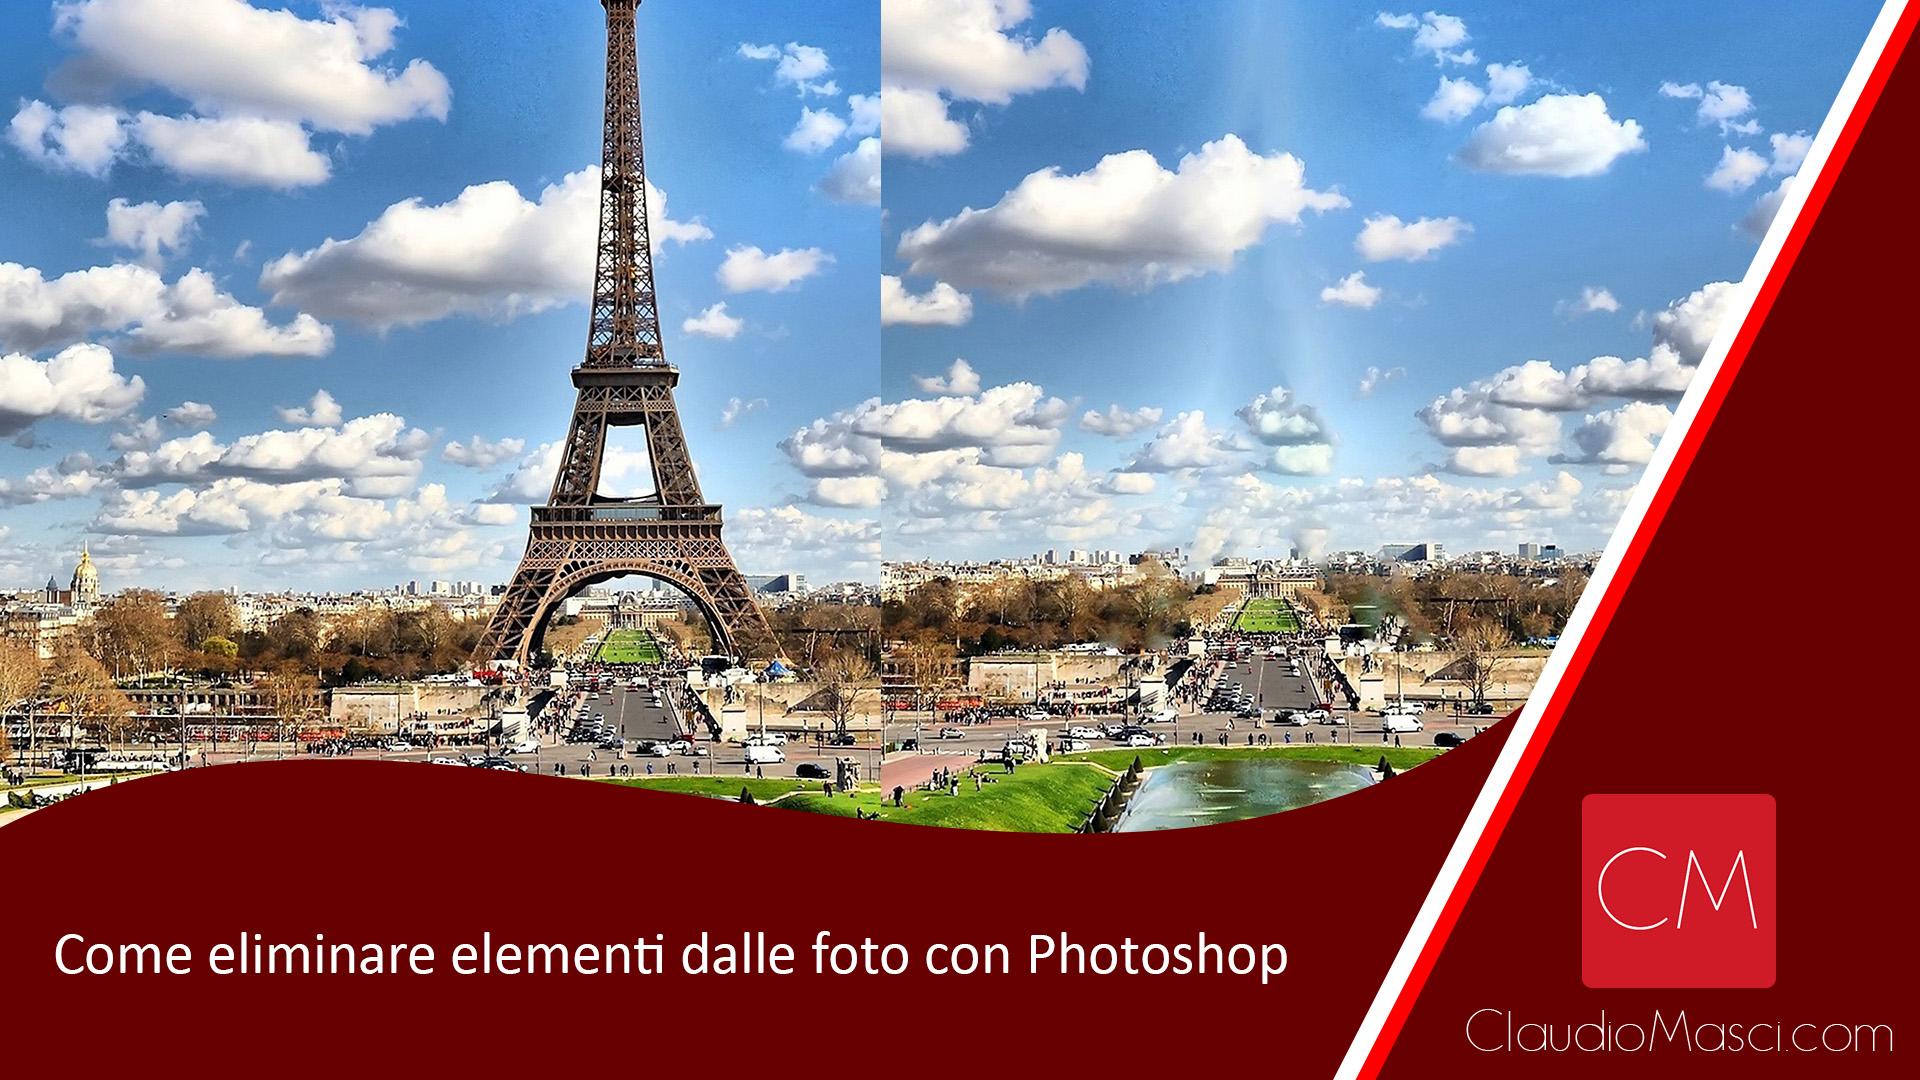 Come eliminare elementi dalle foto con Photoshop